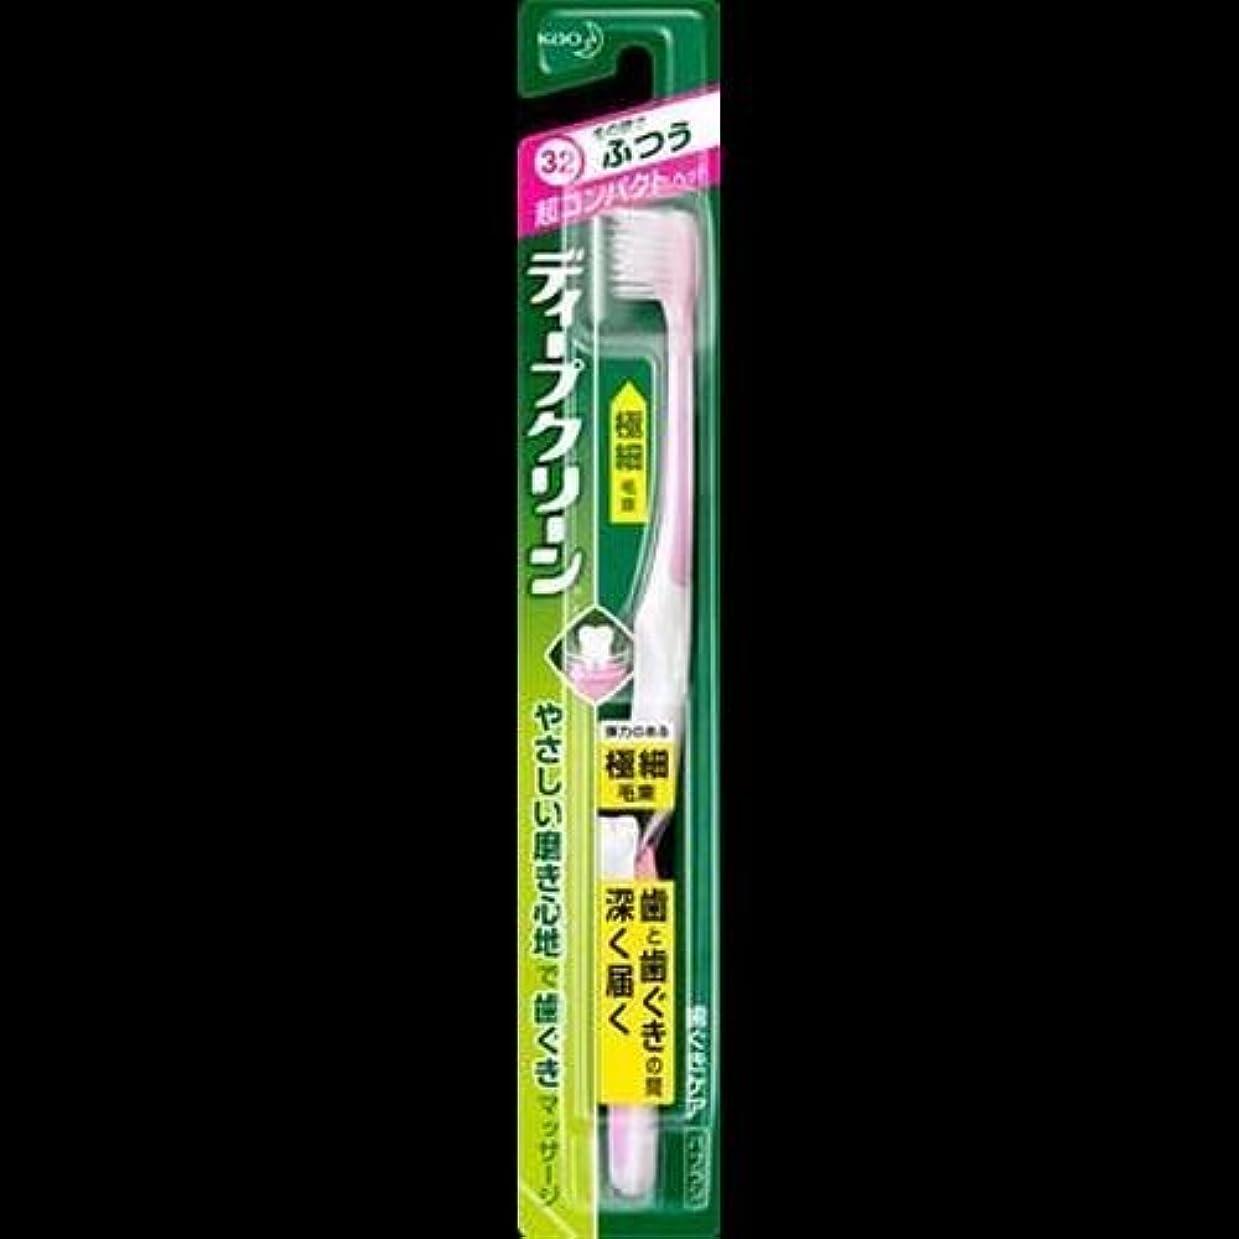 バッテリー倉庫服を洗う【まとめ買い】ディープクリーン ハブラシ 超コンパクト ふつう ×2セット